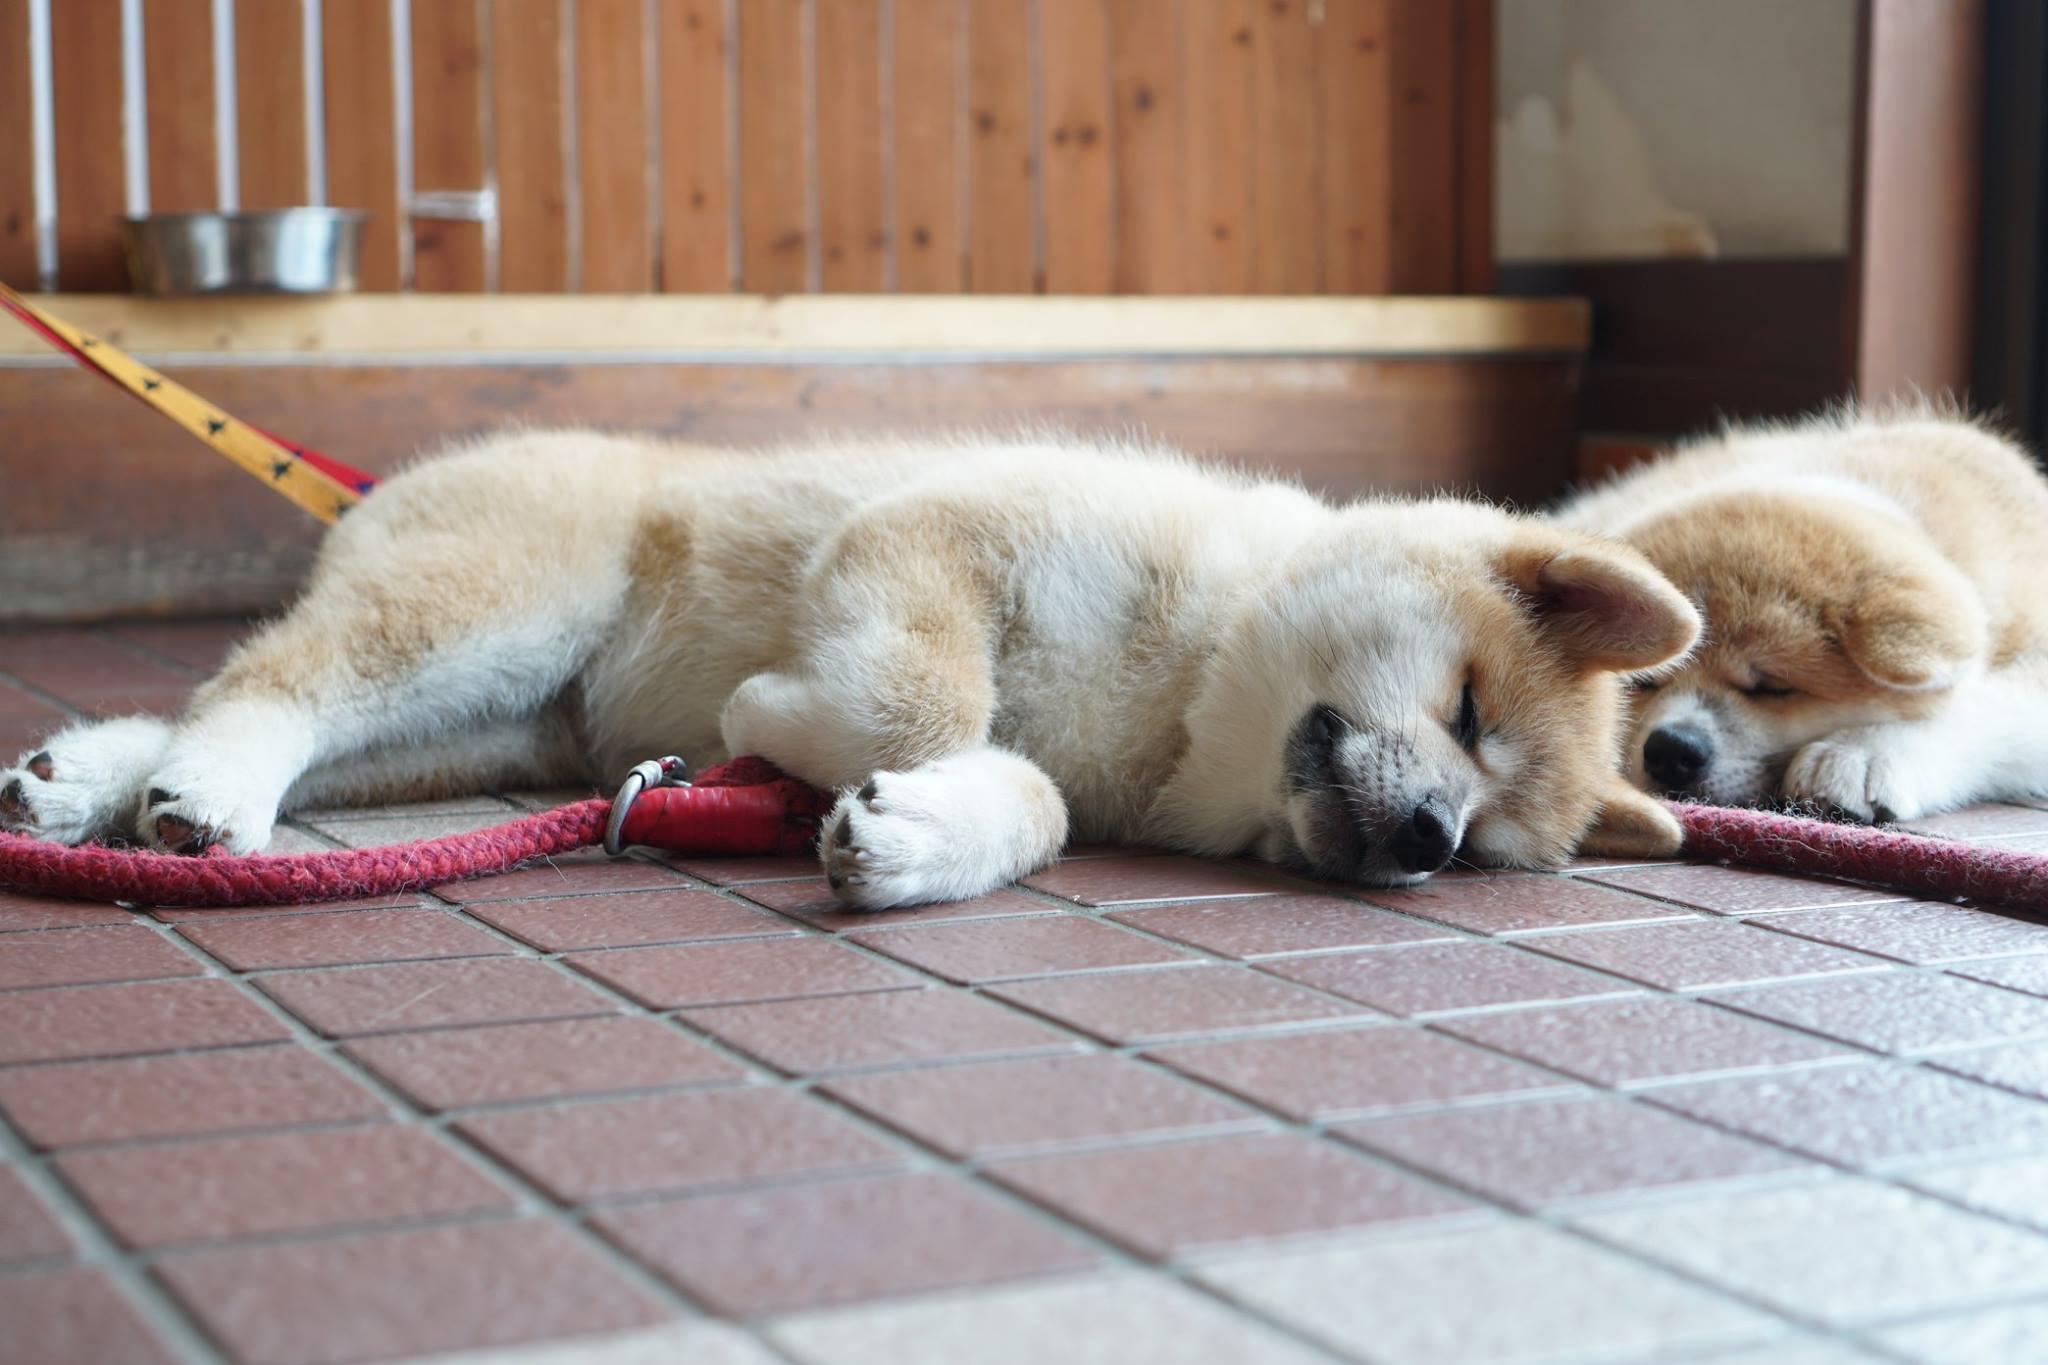 秋田犬に会いに行く◆ふるさわおんせん光葉館